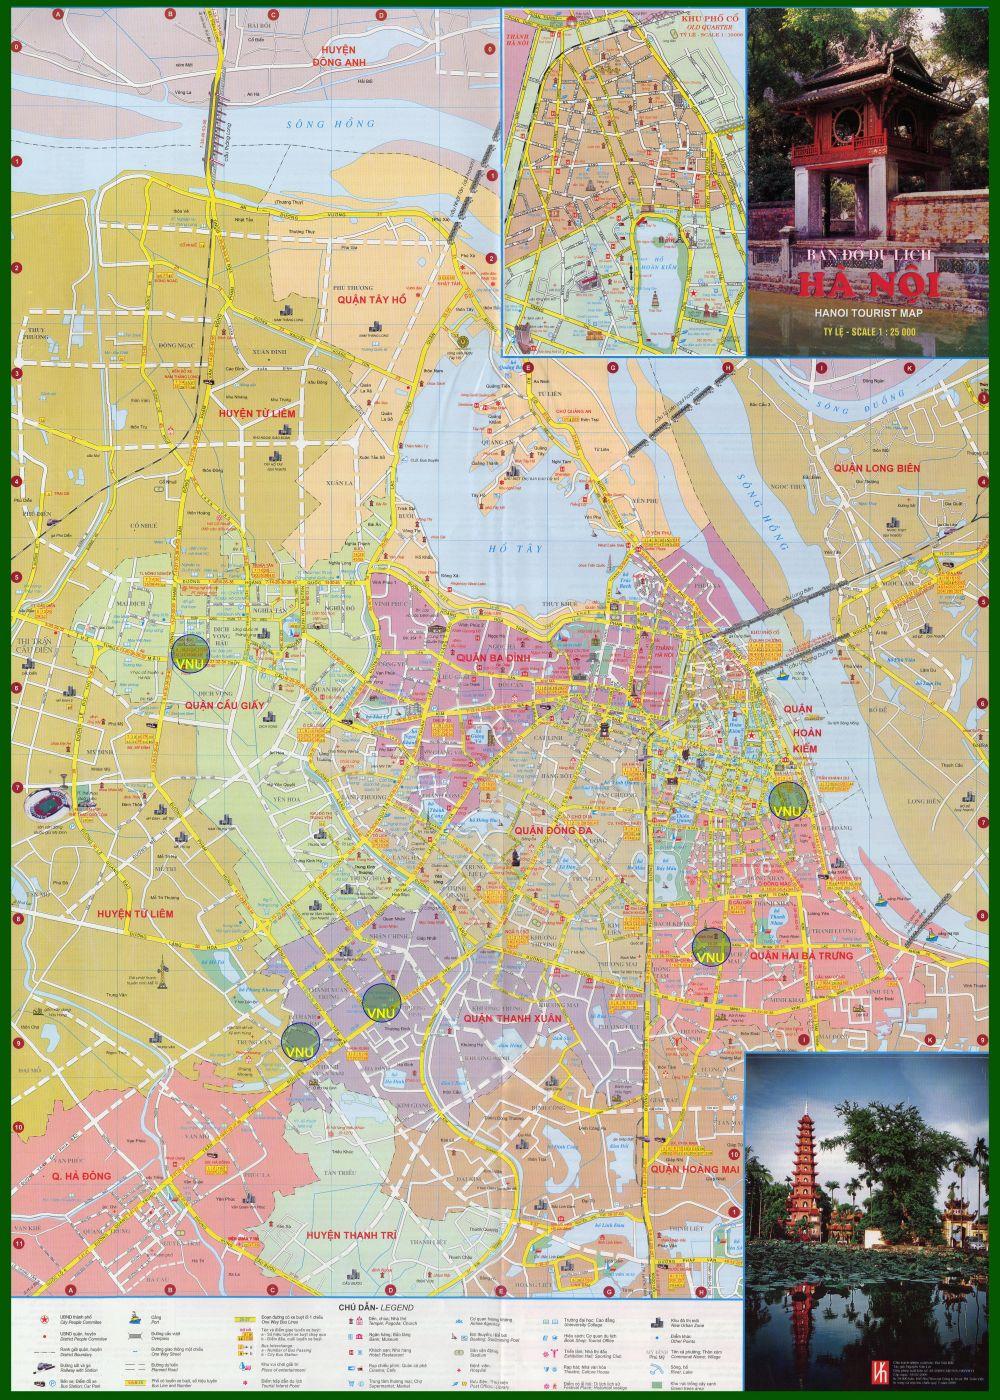 10203940 ban do tai ha noi - Bản đồ TP Hà Nội hiện tại có 30 đơn vị hành chính cấp huyện,